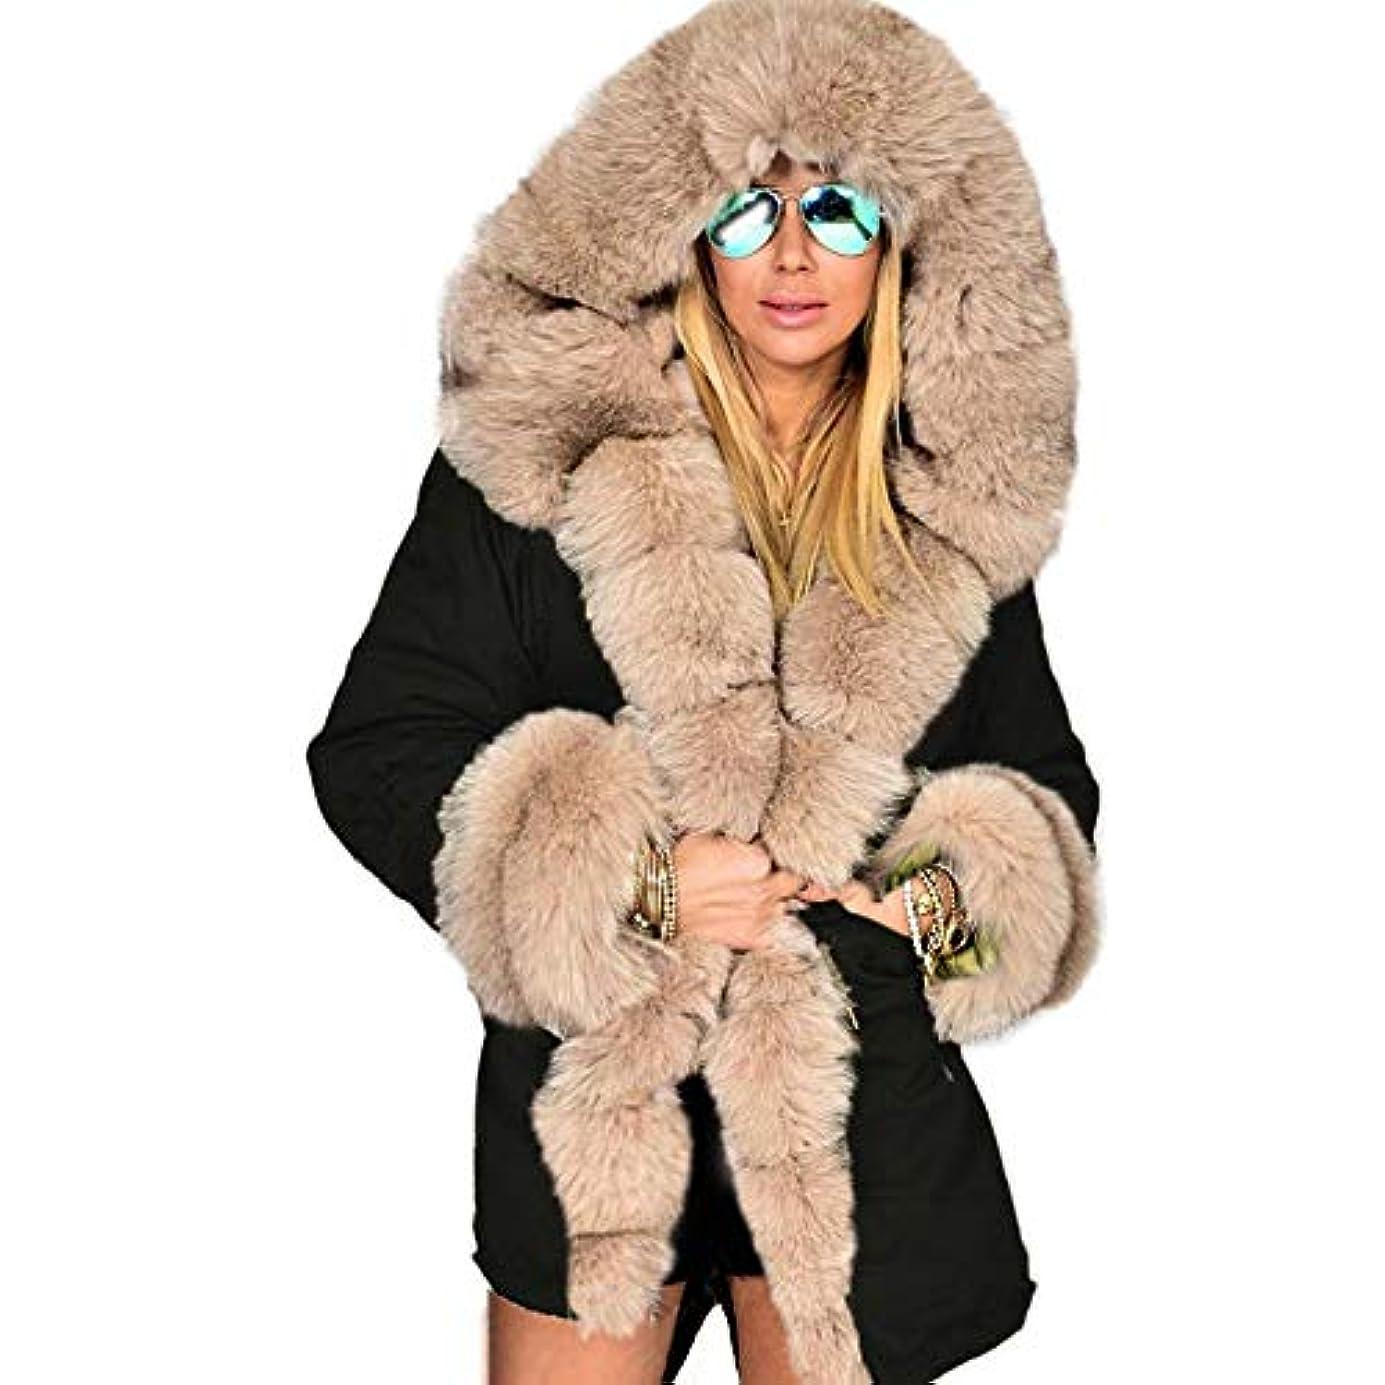 不安アクティビティドキドキ冬ジャケット女性ファッションフードコートフェイクファーカラーコットンフリースウォームコートパーカスパーカープラスサイズロングコート,XXL